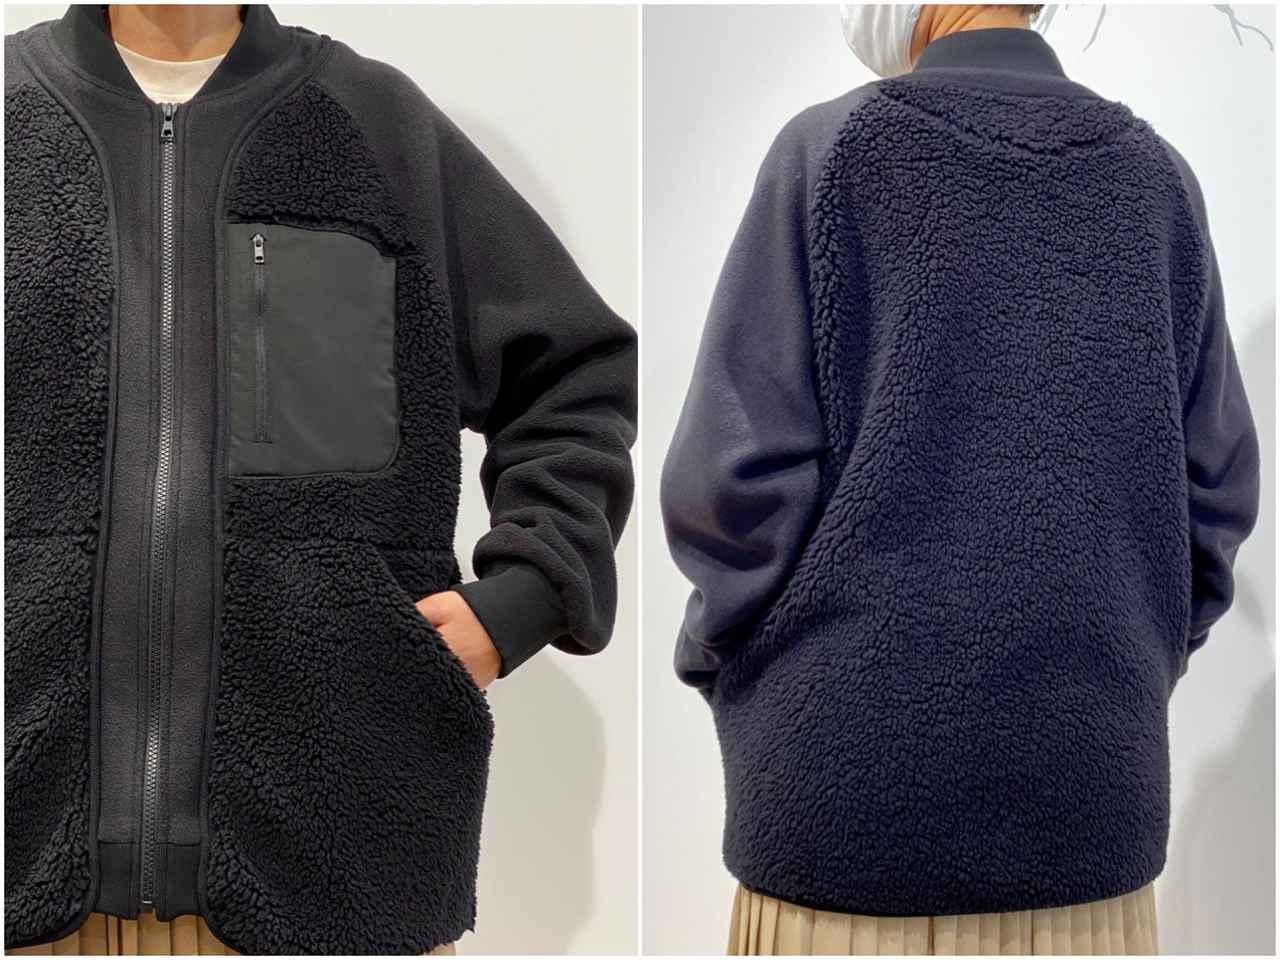 画像2: フリースオーバーサイズジャケット¥4,990/ユニクロ(ユニクロ アンド ホワイトマウンテニアリング) 出典:fashion trend news